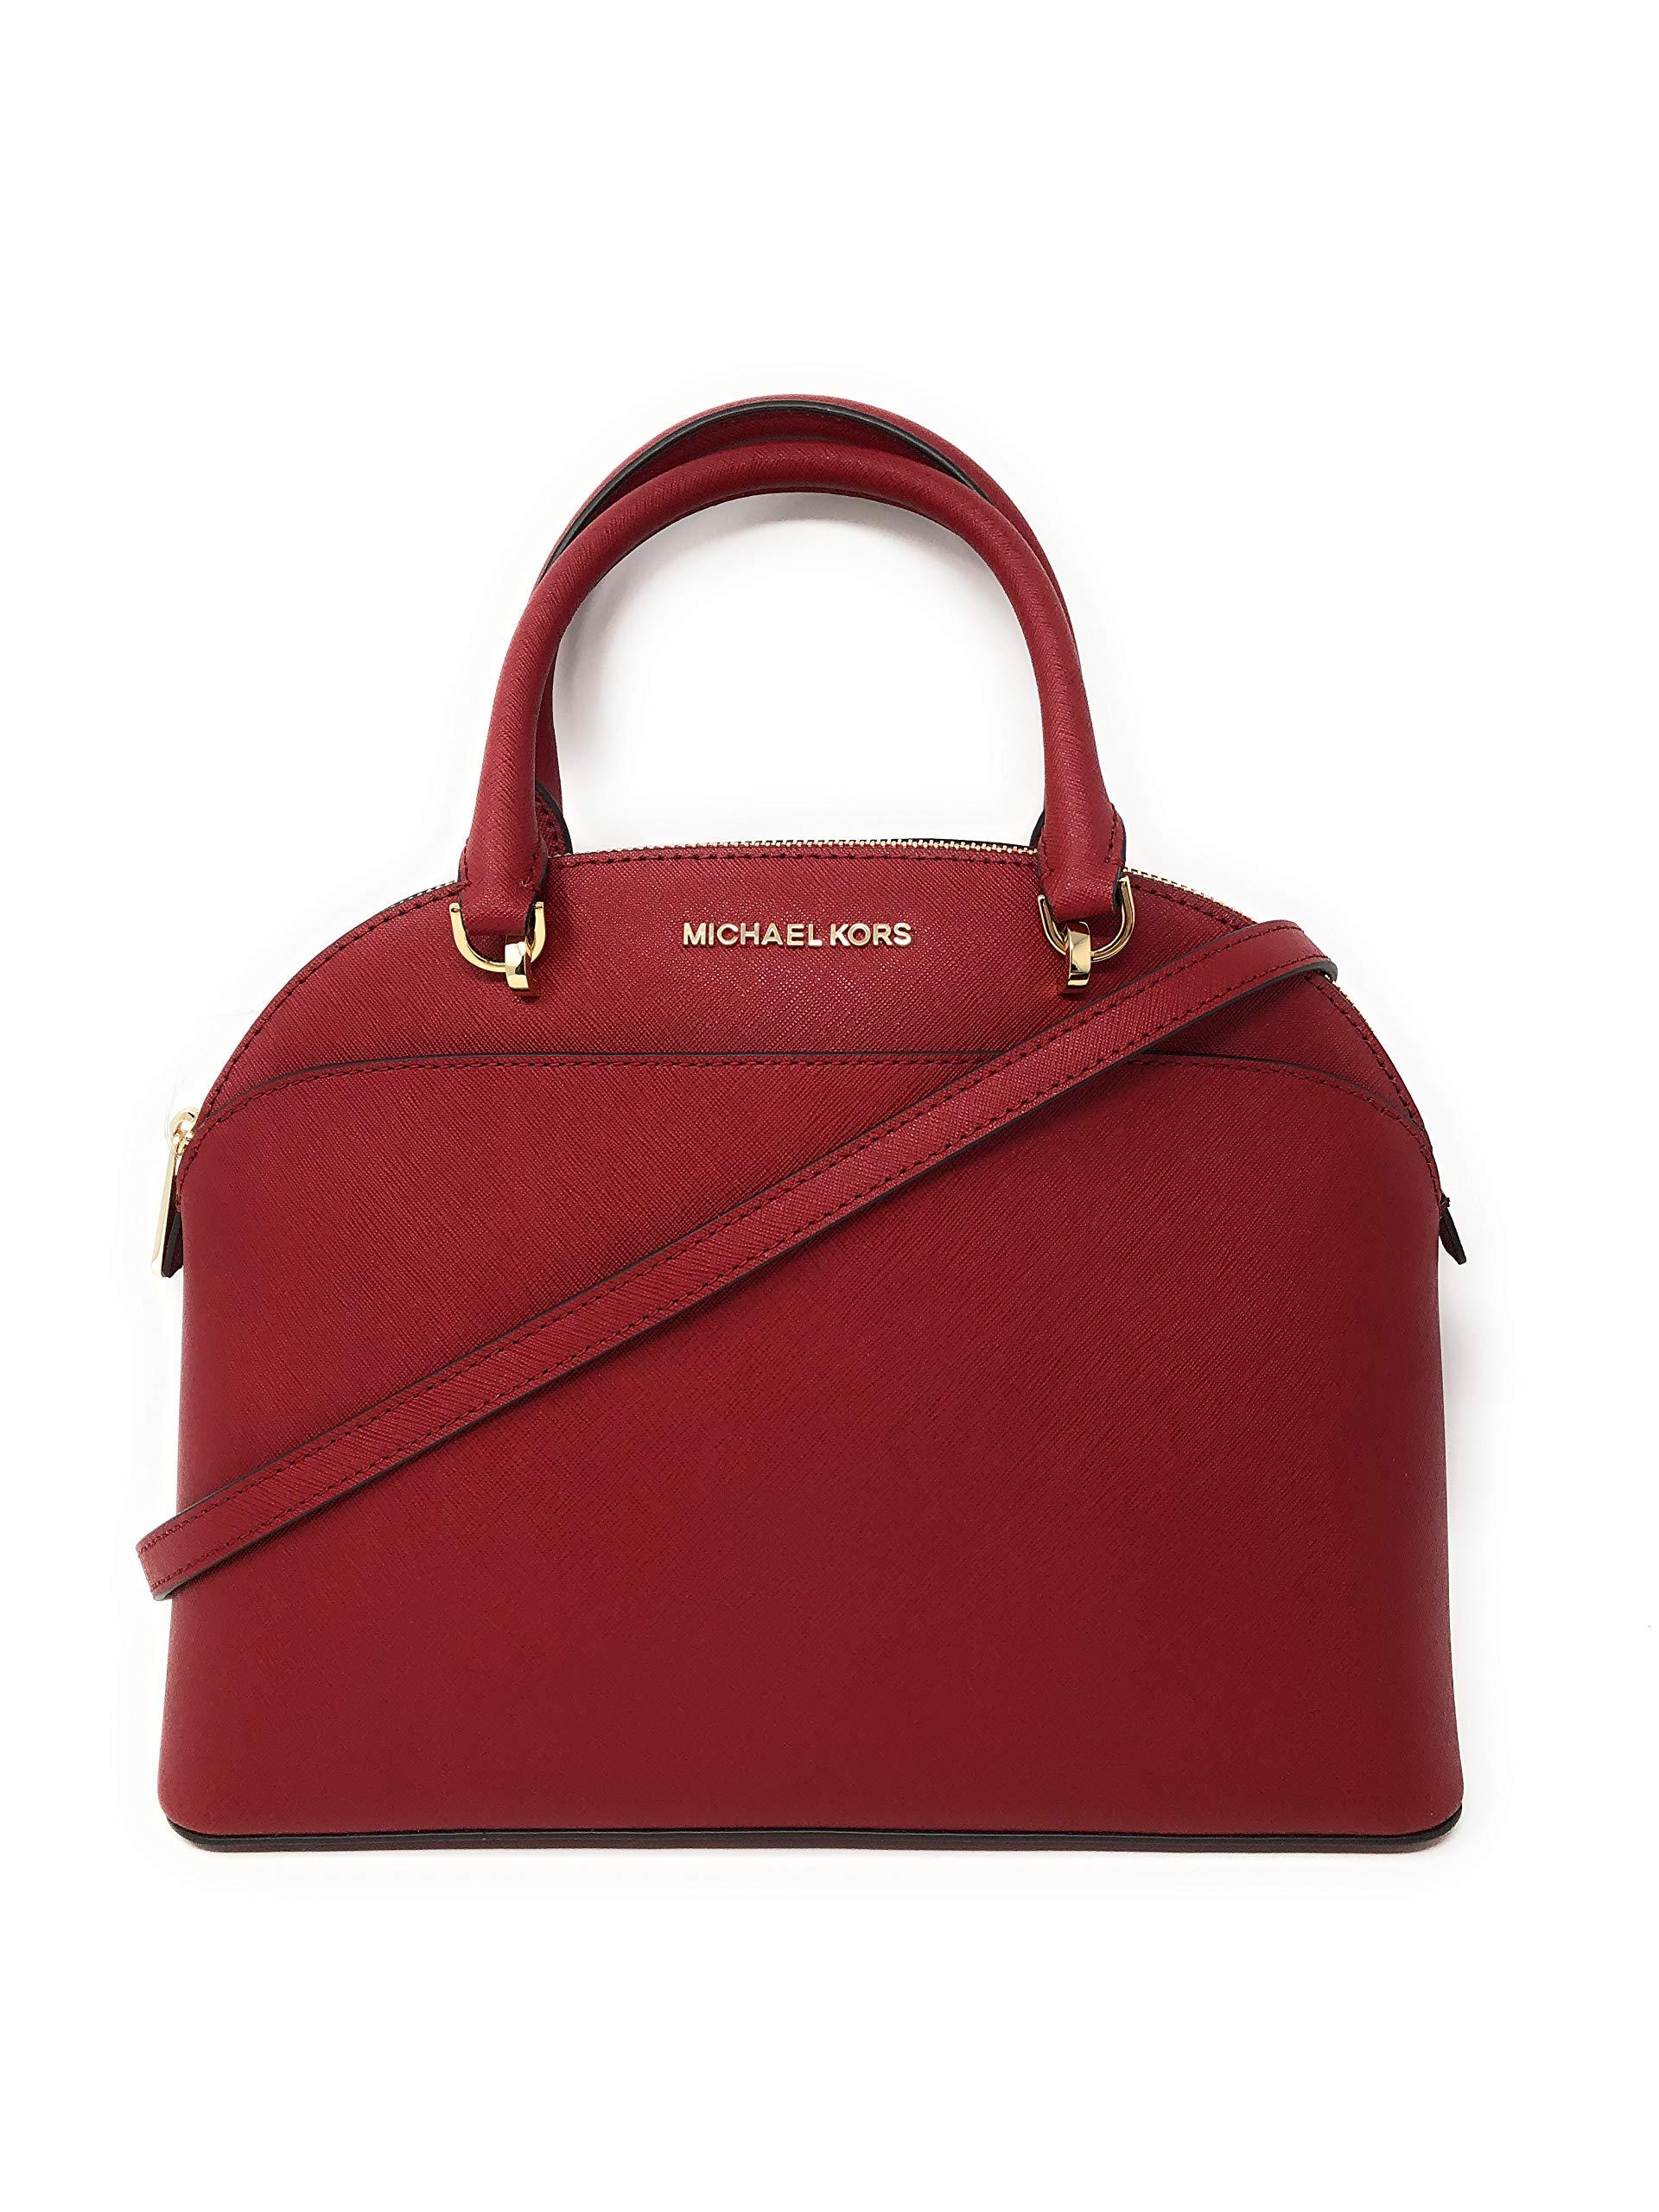 Michael Kors Emmy Large Dome Saffiano Leather Satchel Shoulder Bag Purse Handbag in Scarlet